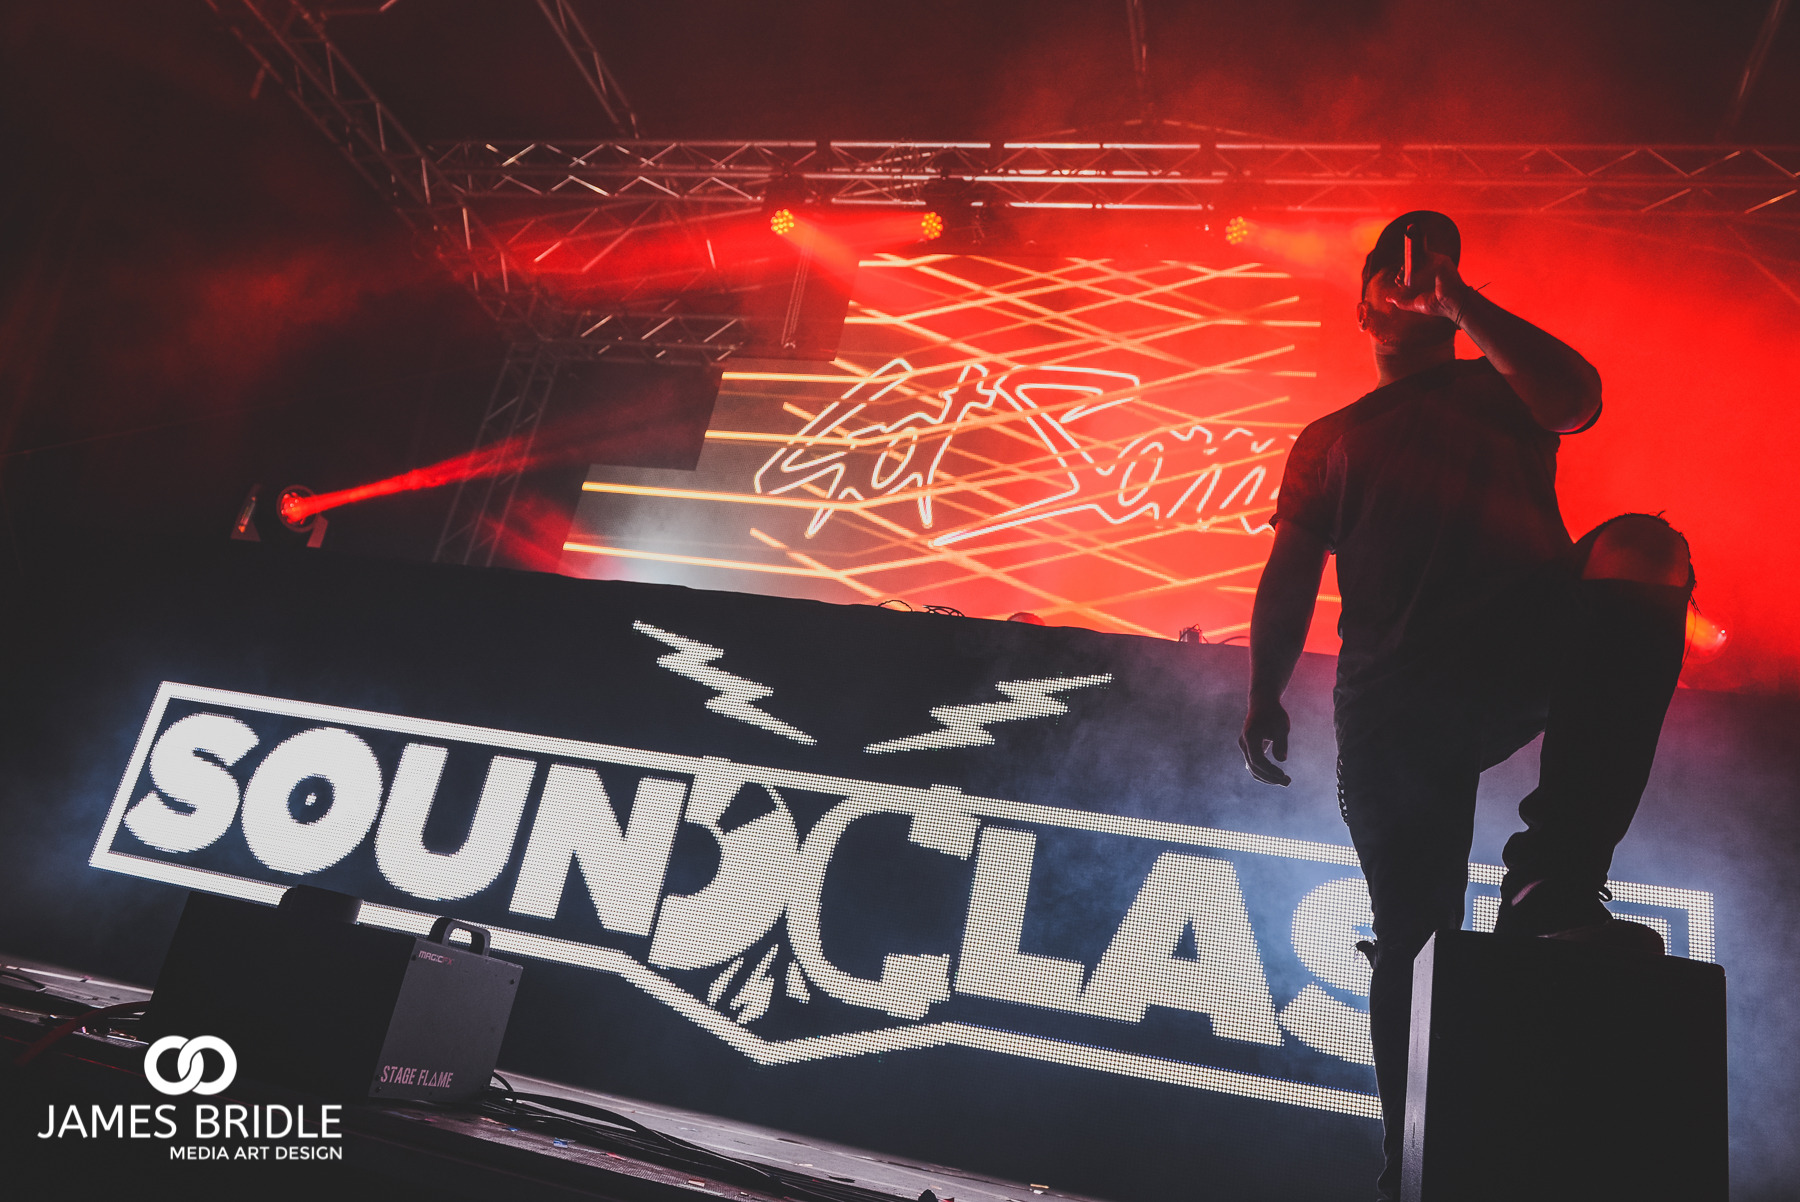 DJ PAT, MC for Gotsome at Soundclash Festival 2016